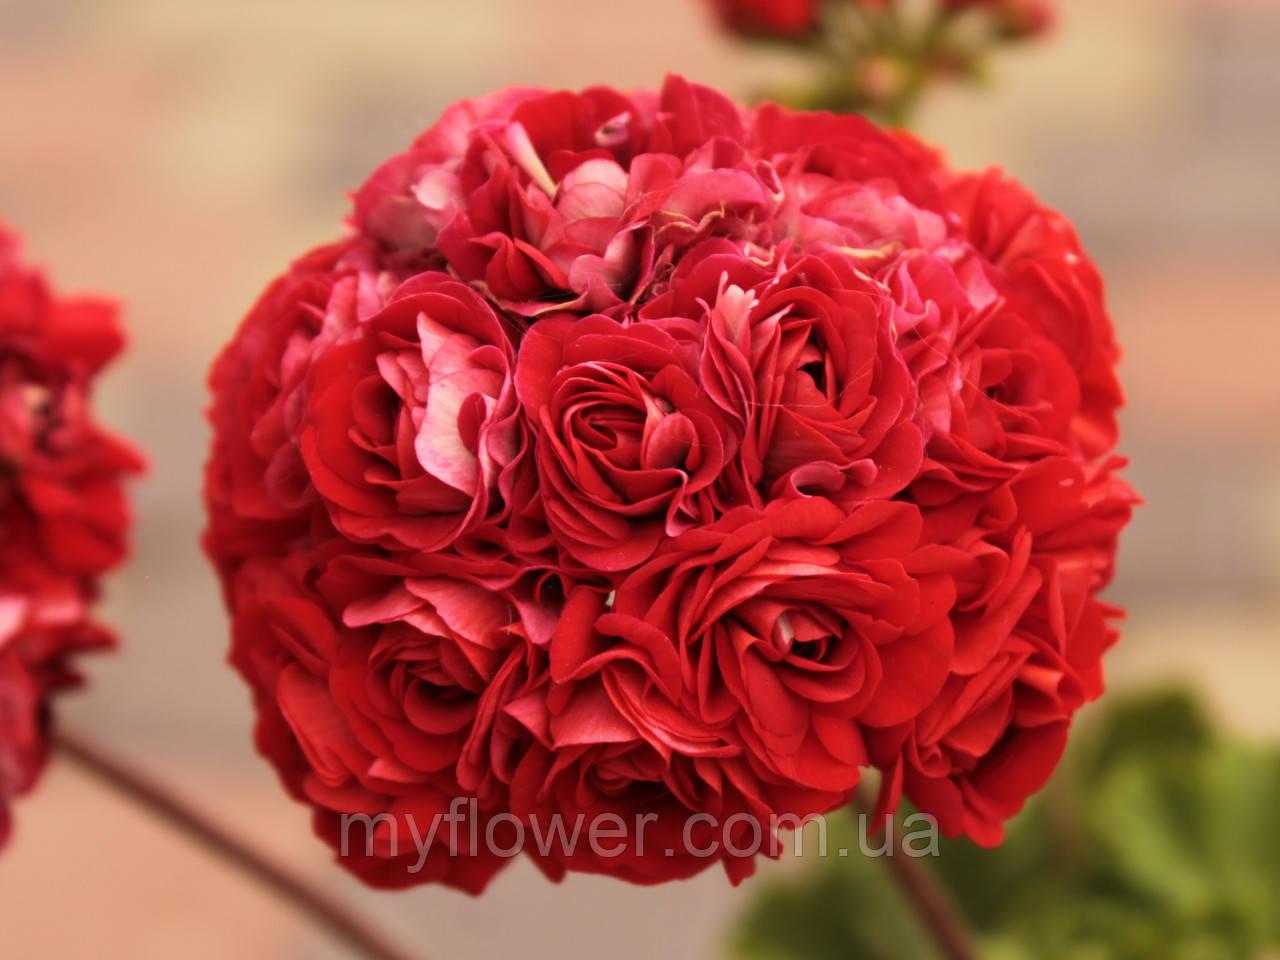 Розебудная пеларгония Bornholm Pelargon